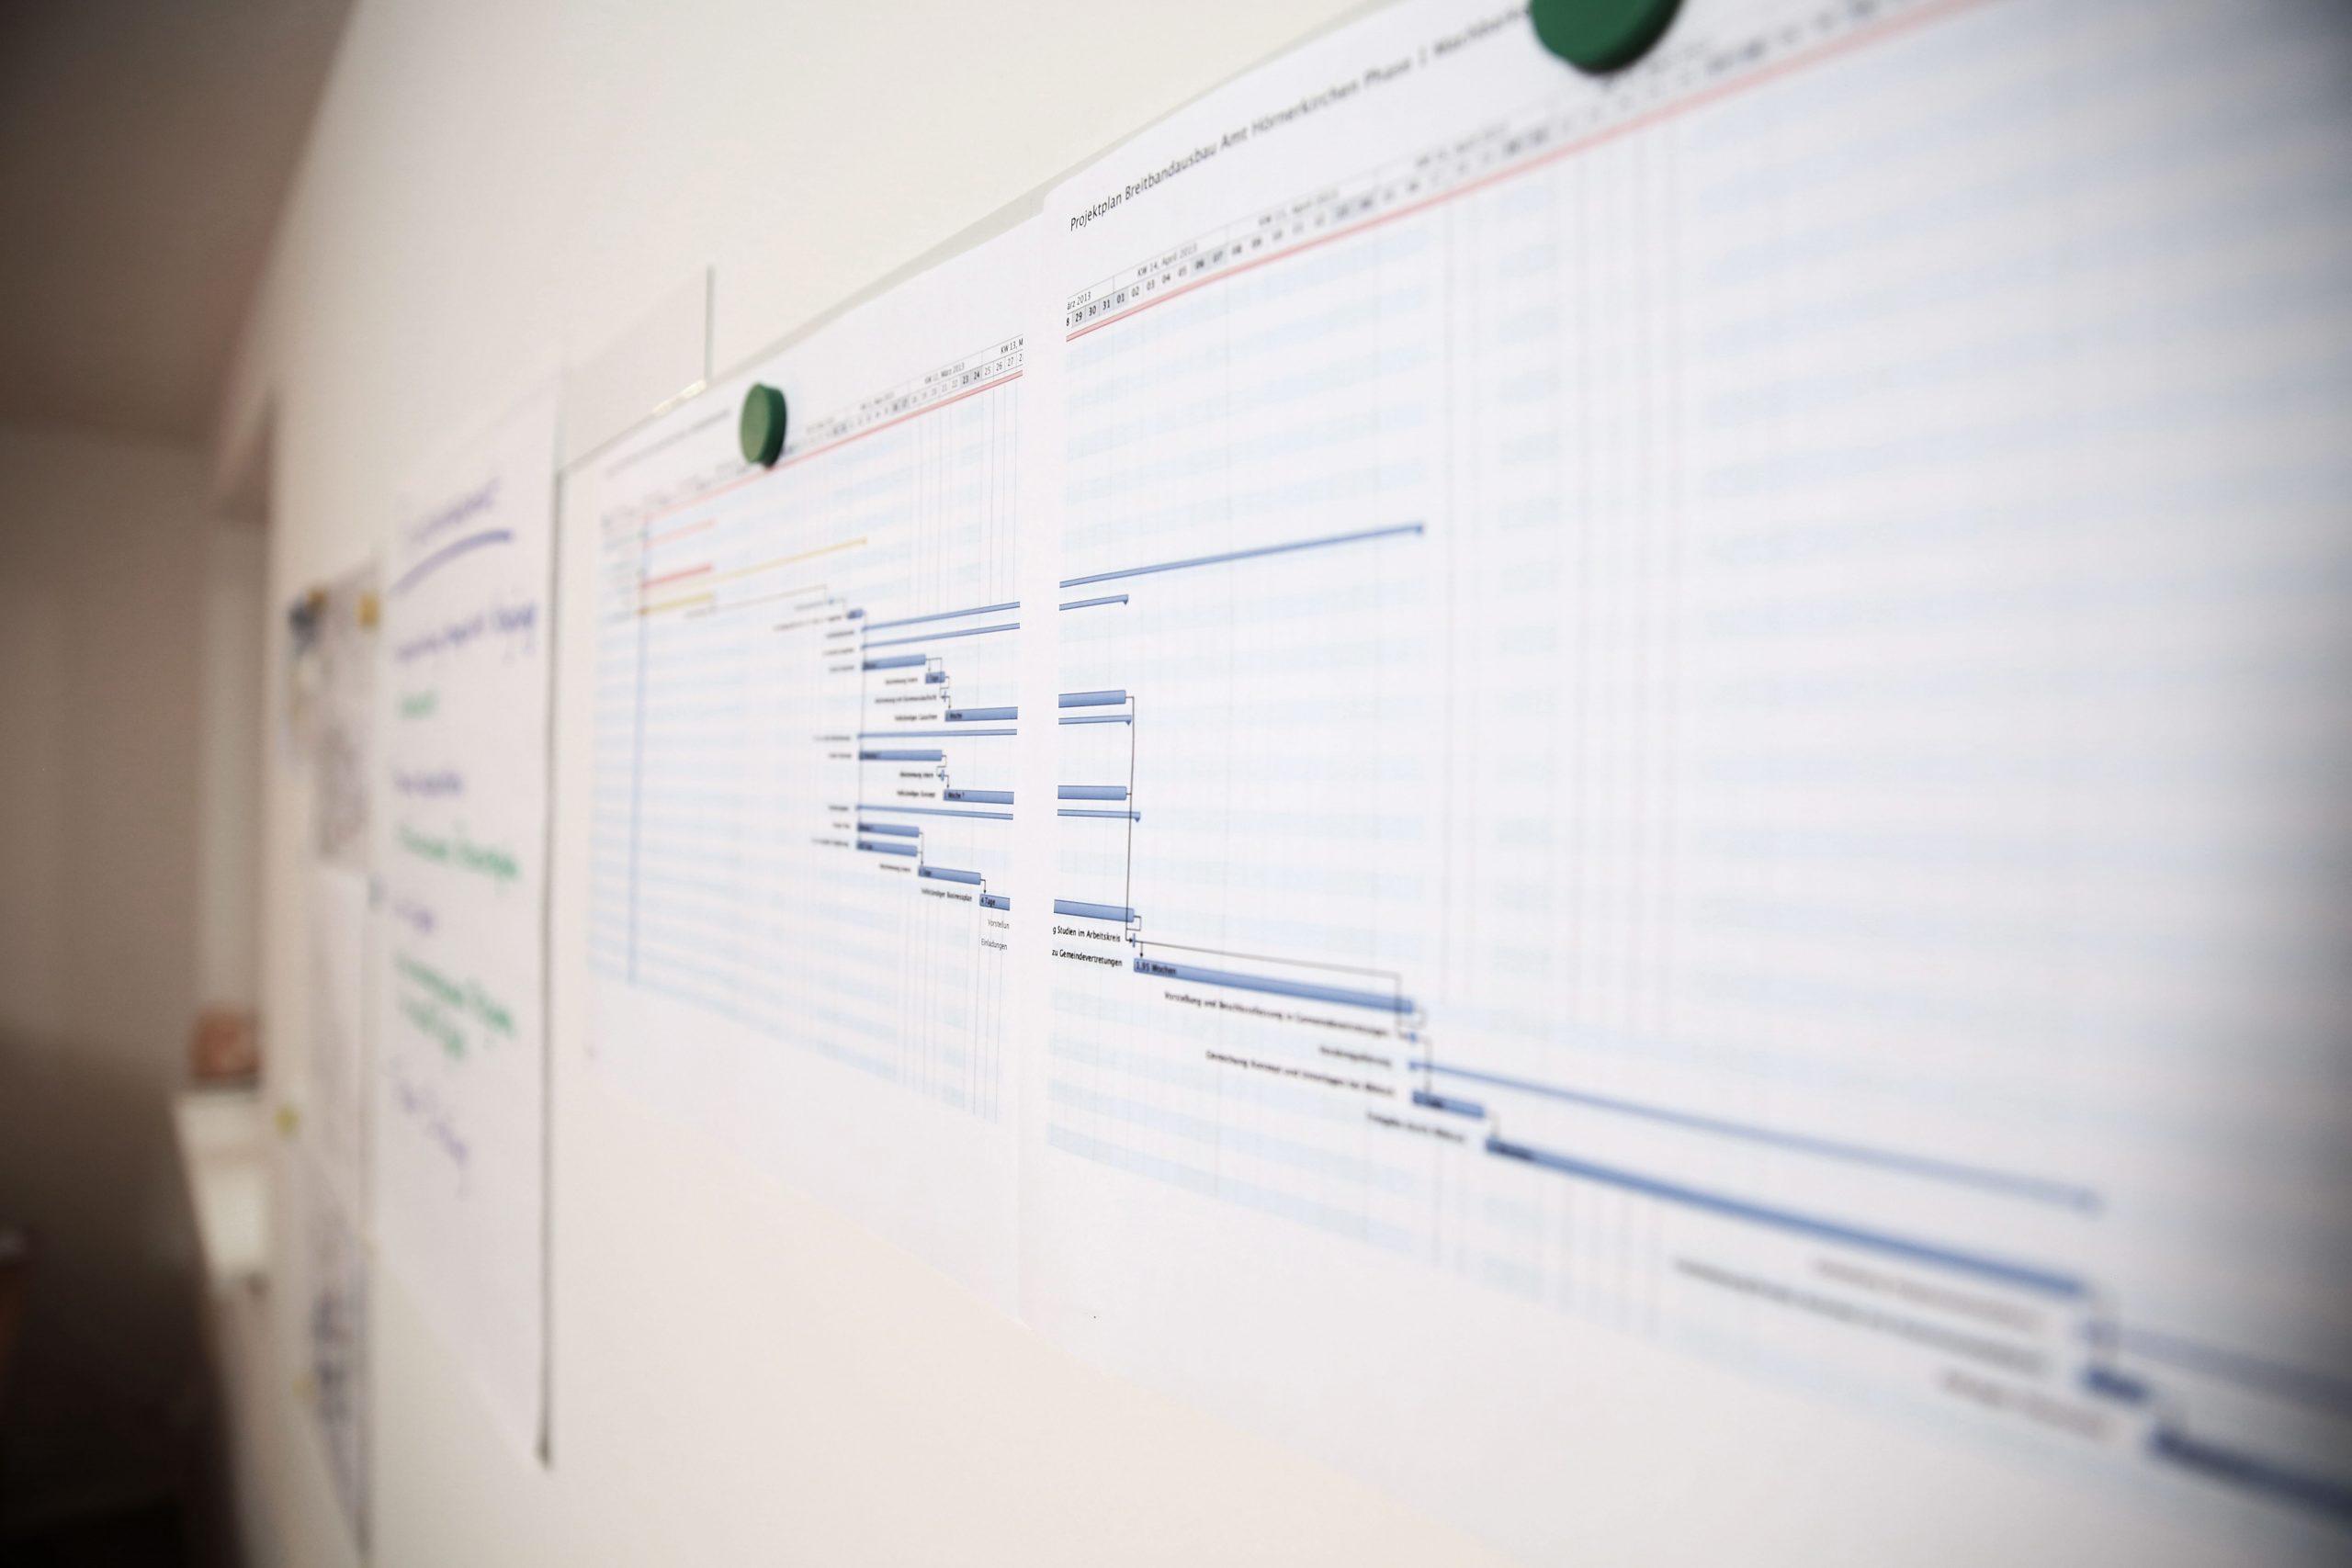 -Diagramme aufgehängt an Whiteboard